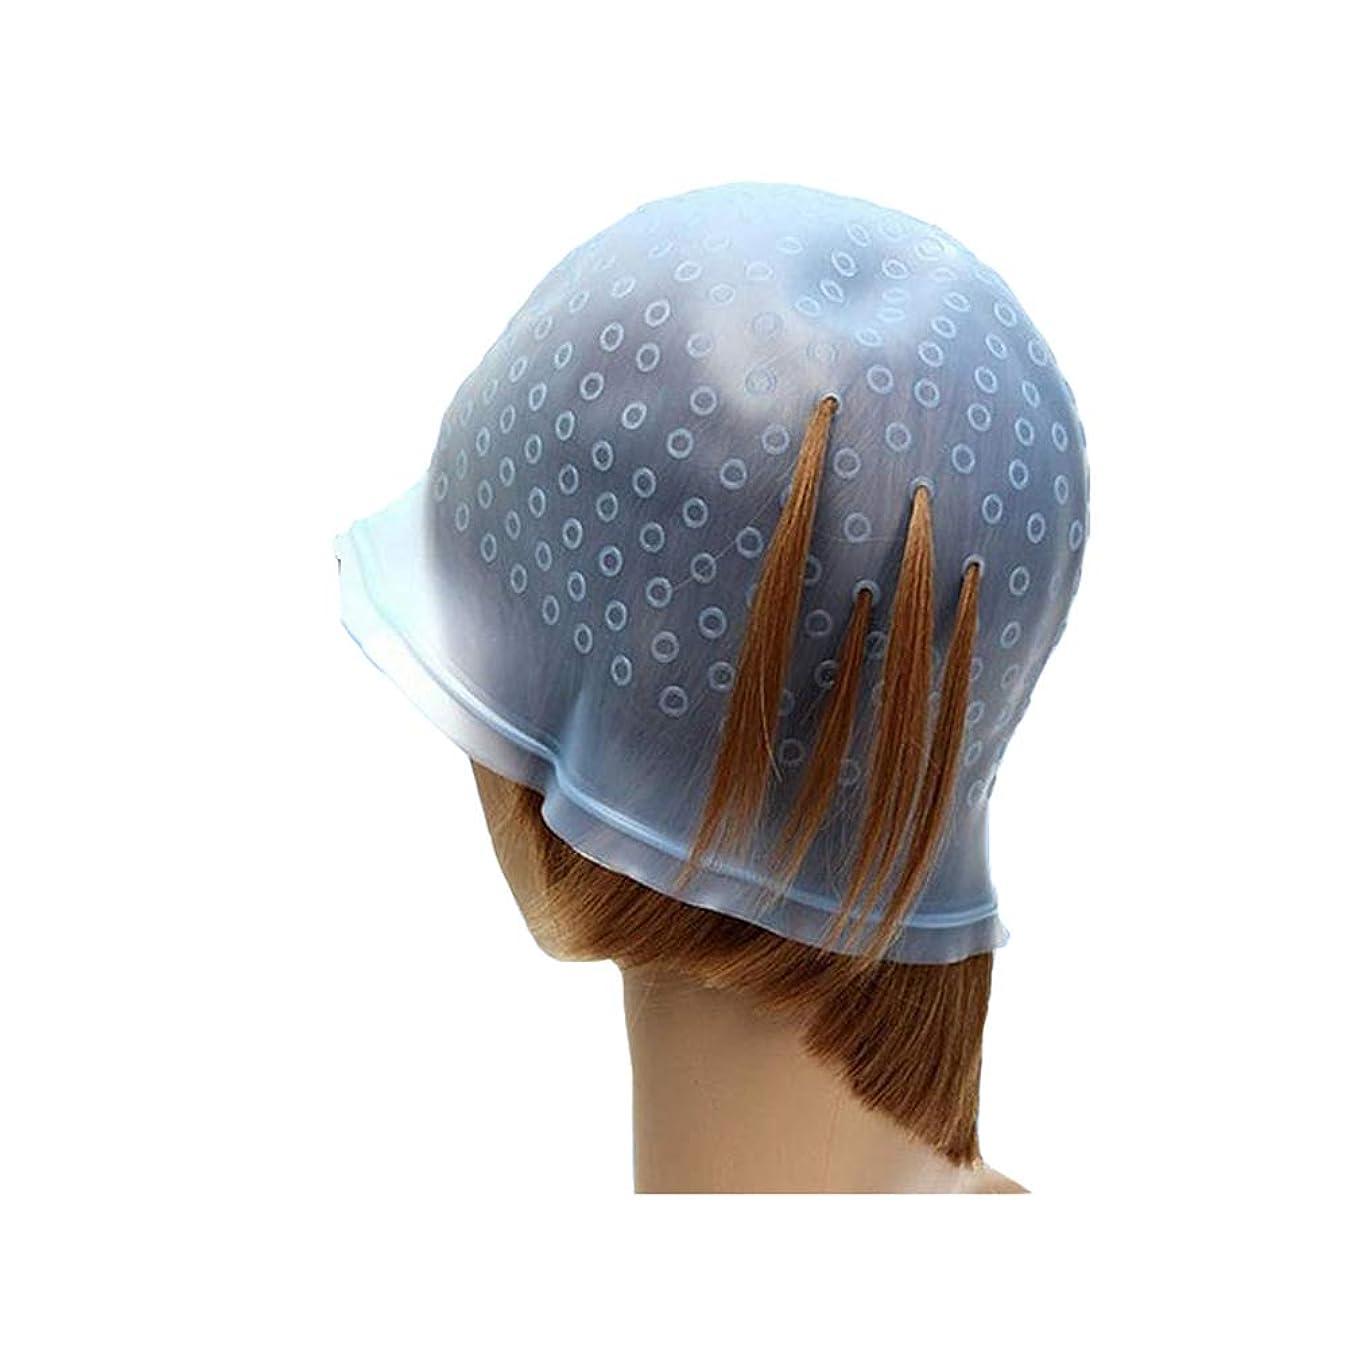 相互平均ロデオカラーリング メッシュ用 シリコンキャップ セルフカラー 髪の毛 穴あけ用のかぎ針付き 髪 レディース メンズ